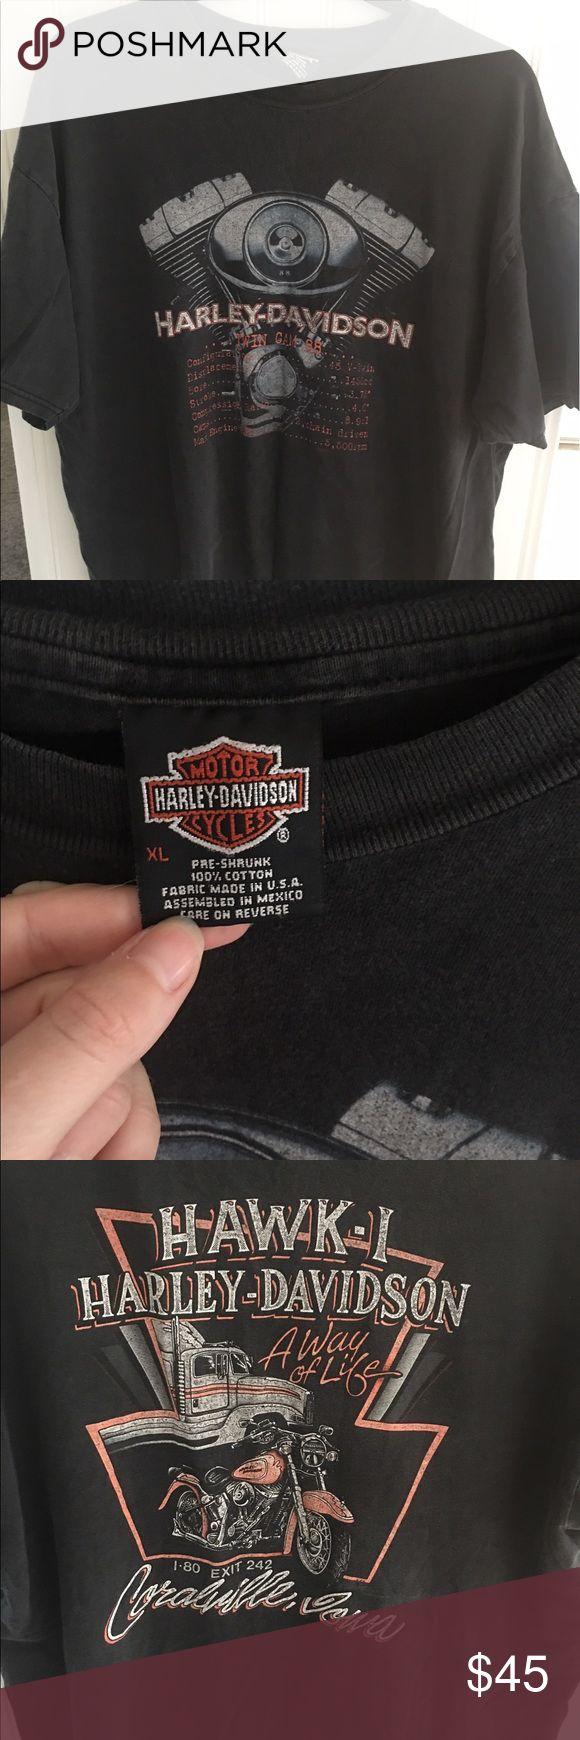 Harley Davidson t shirt Iowa Harley Davidson engine  shirt Iowa Shirts Tees - Short Sleeve